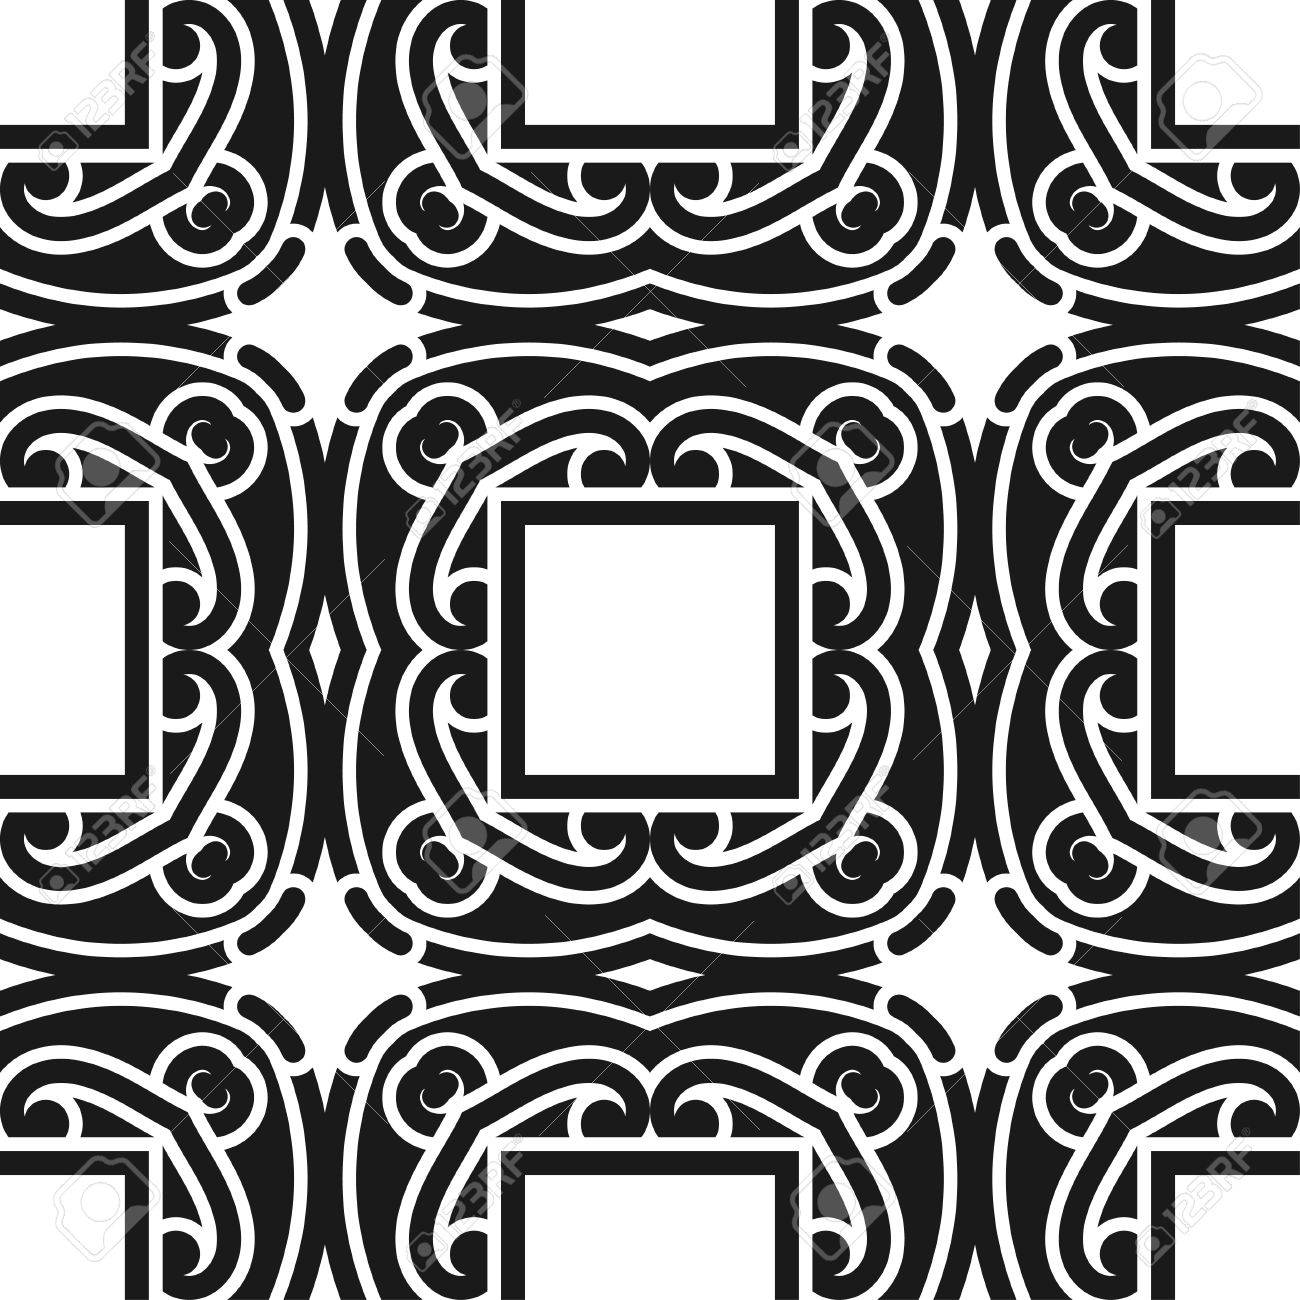 Standard Bild   Zusammenfassung Nahtlose Schwarz Weiß Farbe Muster Für  Tapeten Und Hintergründe. Vektor Vorlage Kann Für Design Von Tapeten,  Stoff, ...